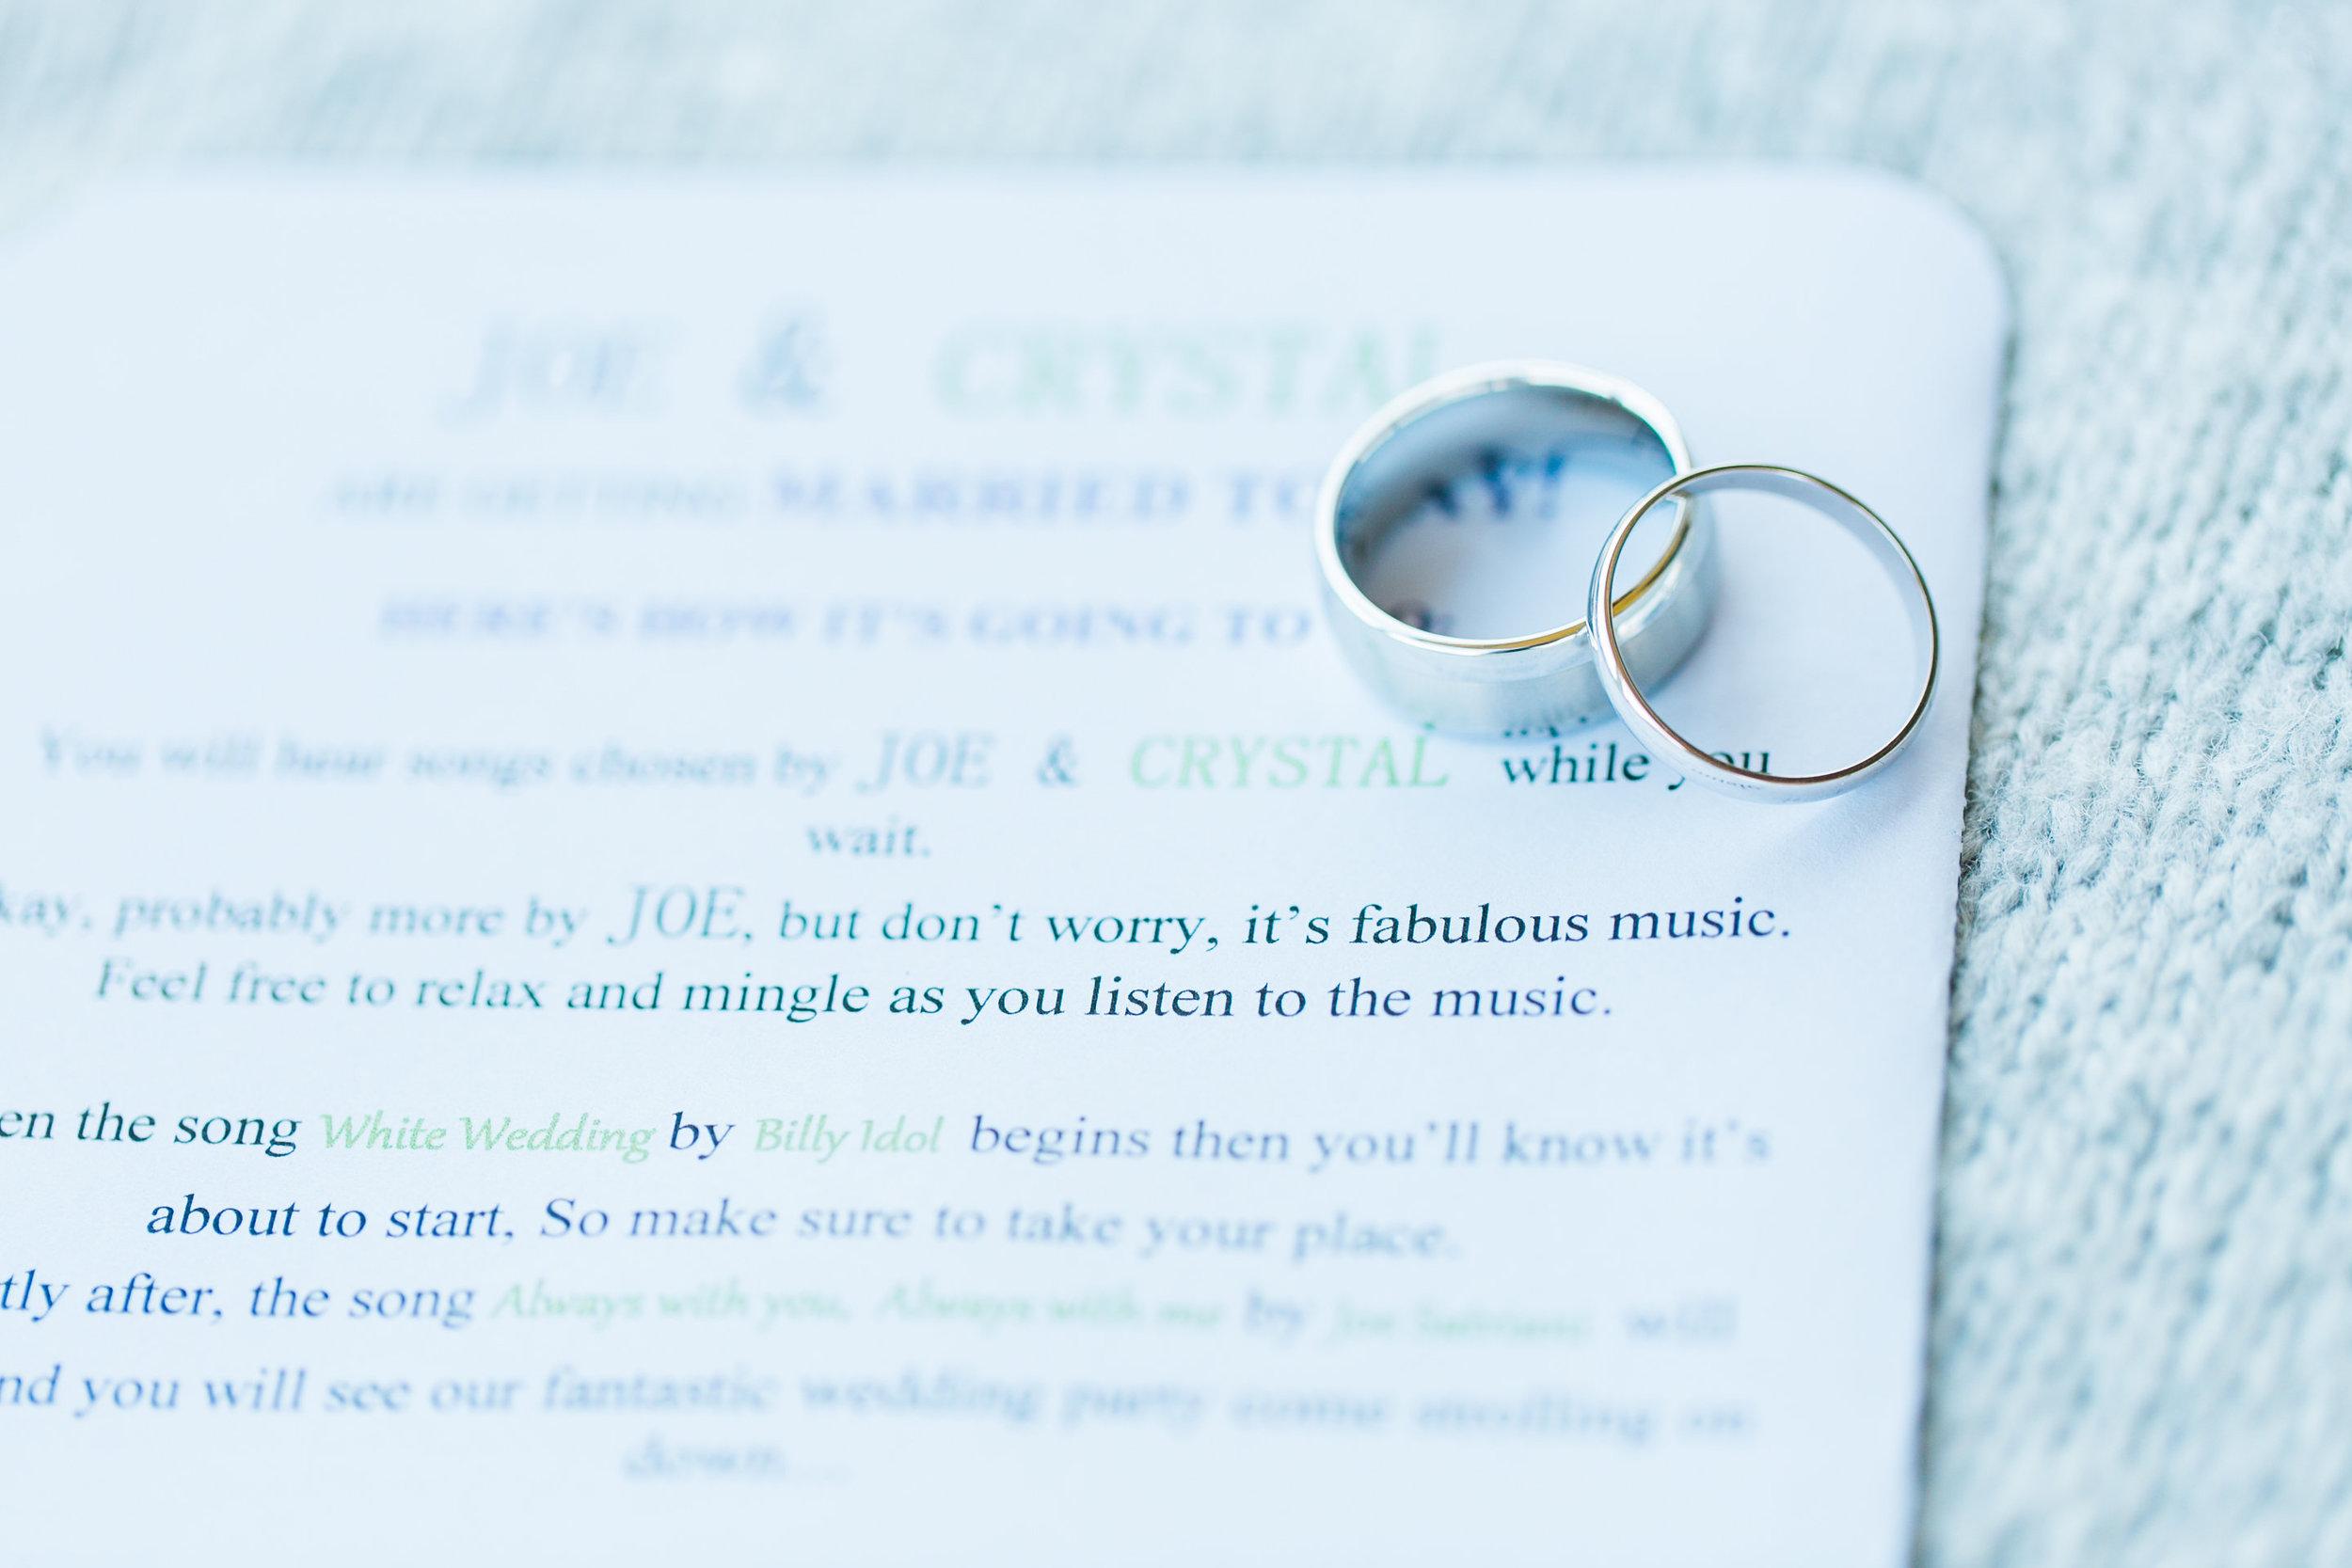 Crystal&Joe-3.jpg